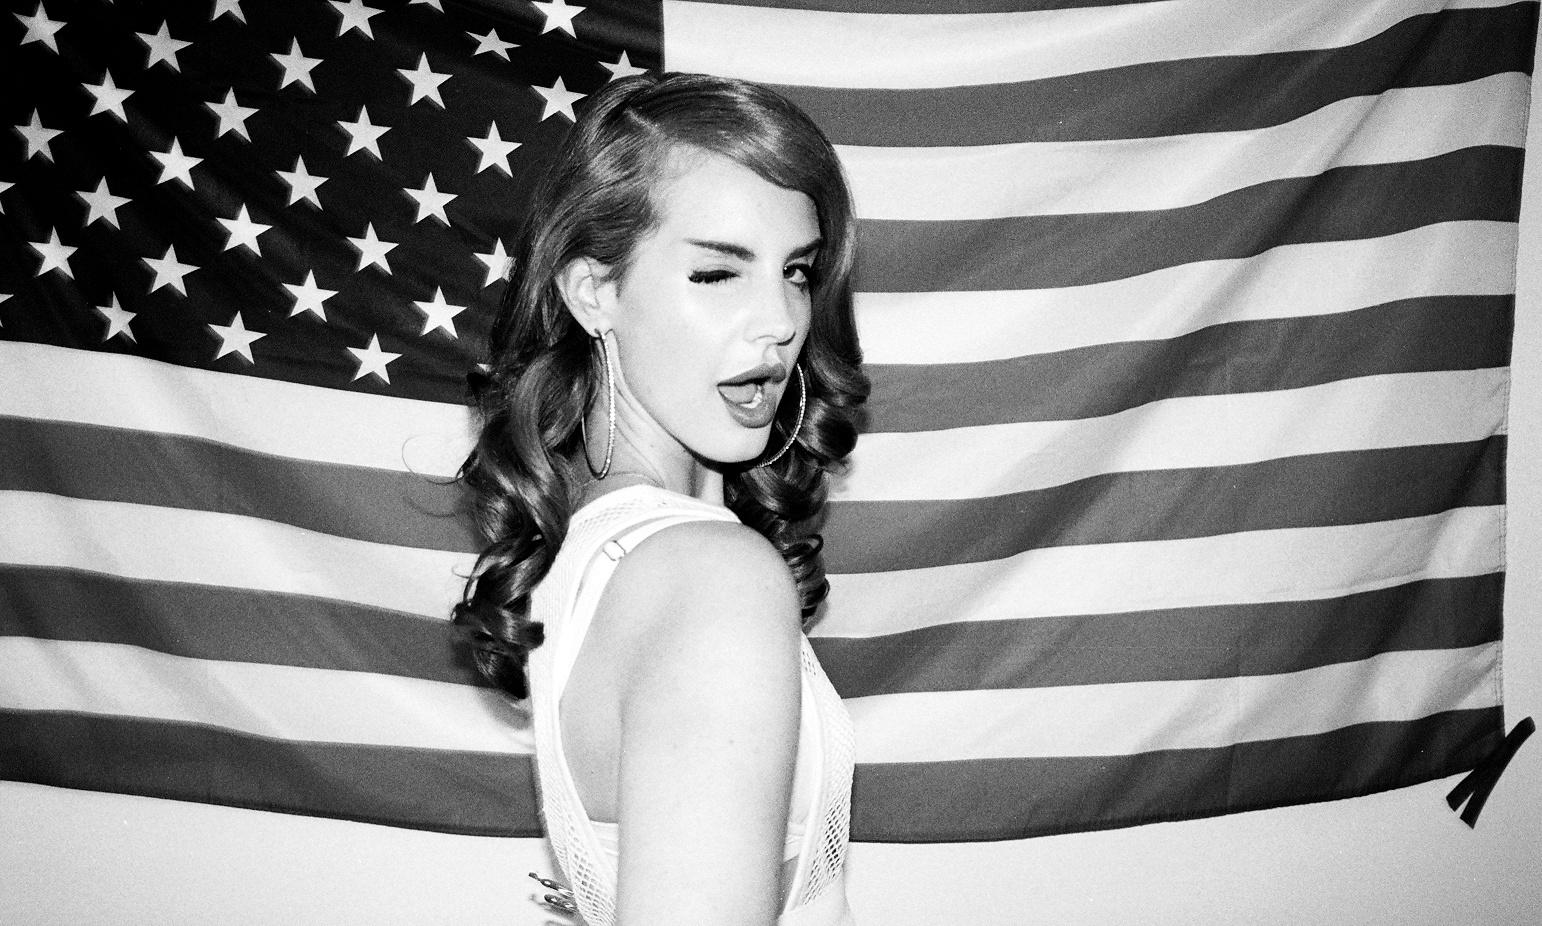 Lana-Del-Rey-71 (1)